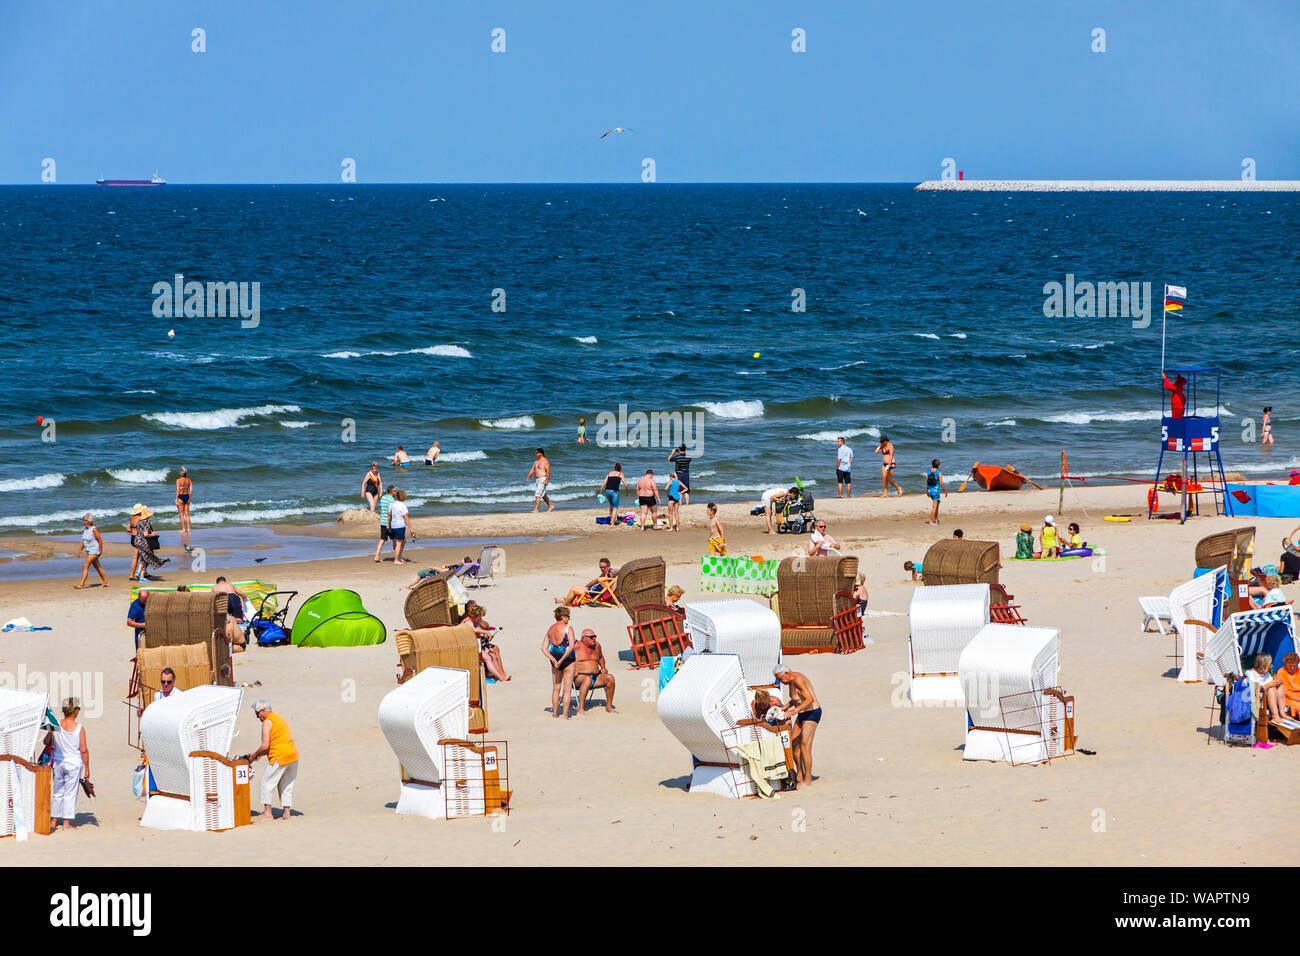 Menschen In Einem Uberfullten Ostsee Strand Auf Der Insel Usedom